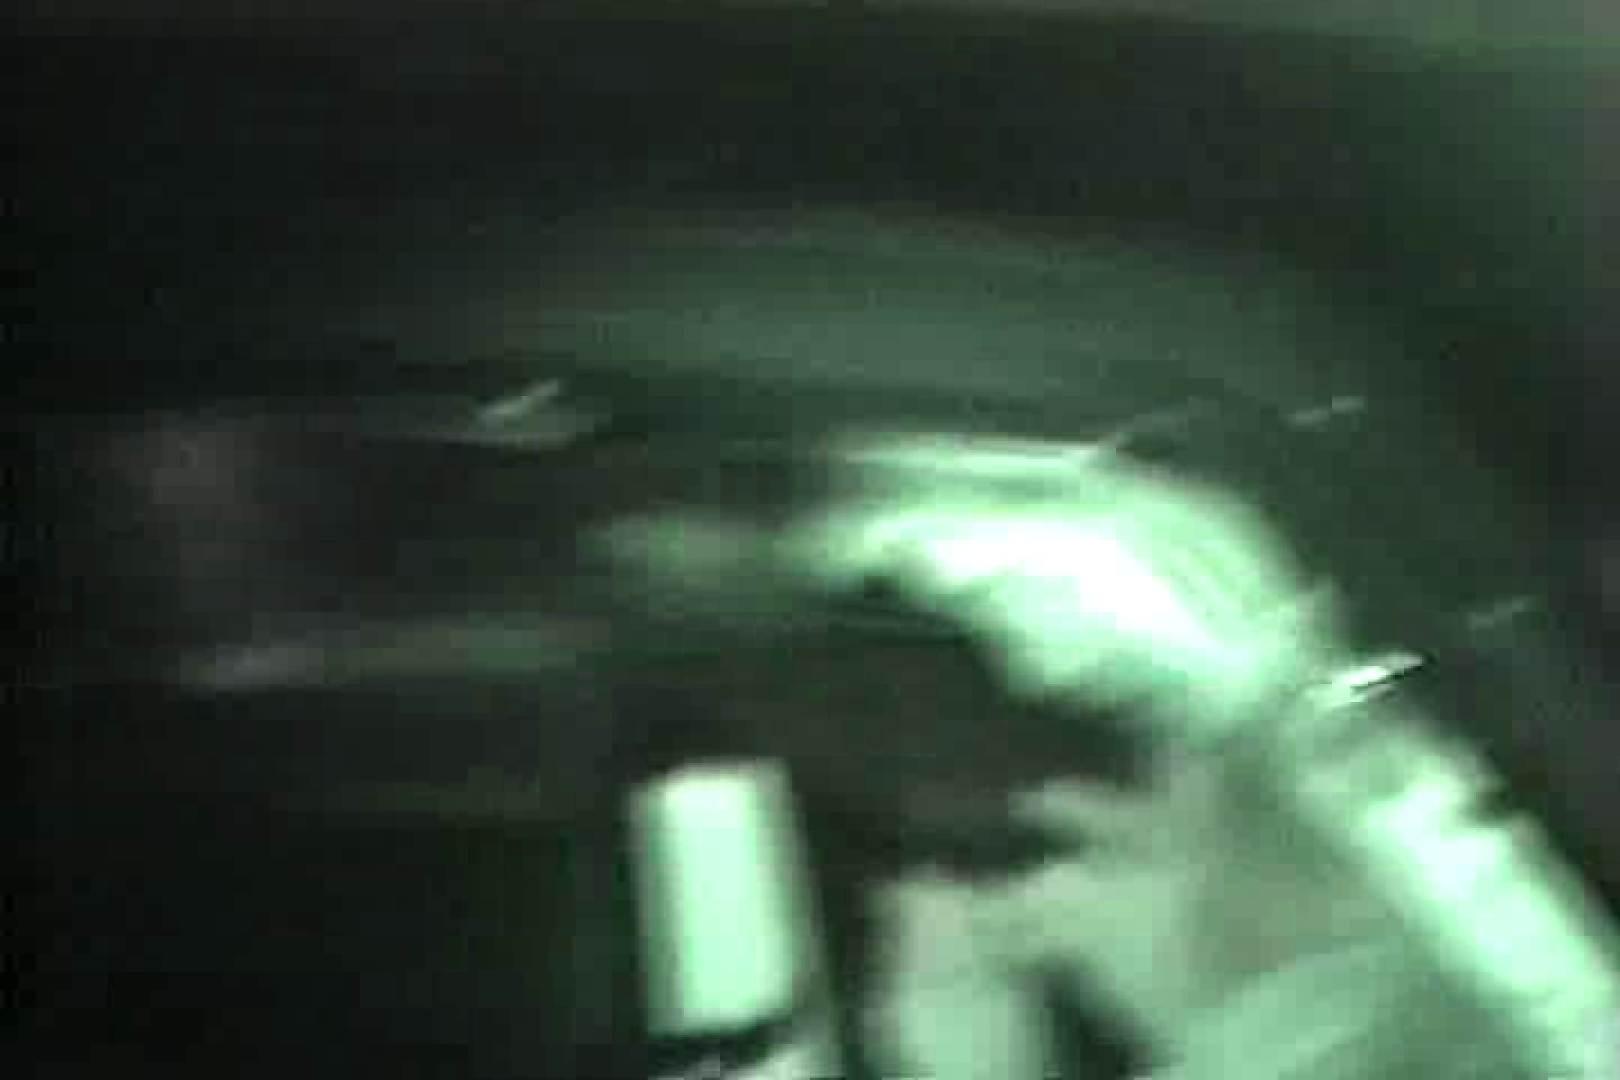 車の中はラブホテル 無修正版  Vol.9 美女OL オメコ無修正動画無料 88連発 52